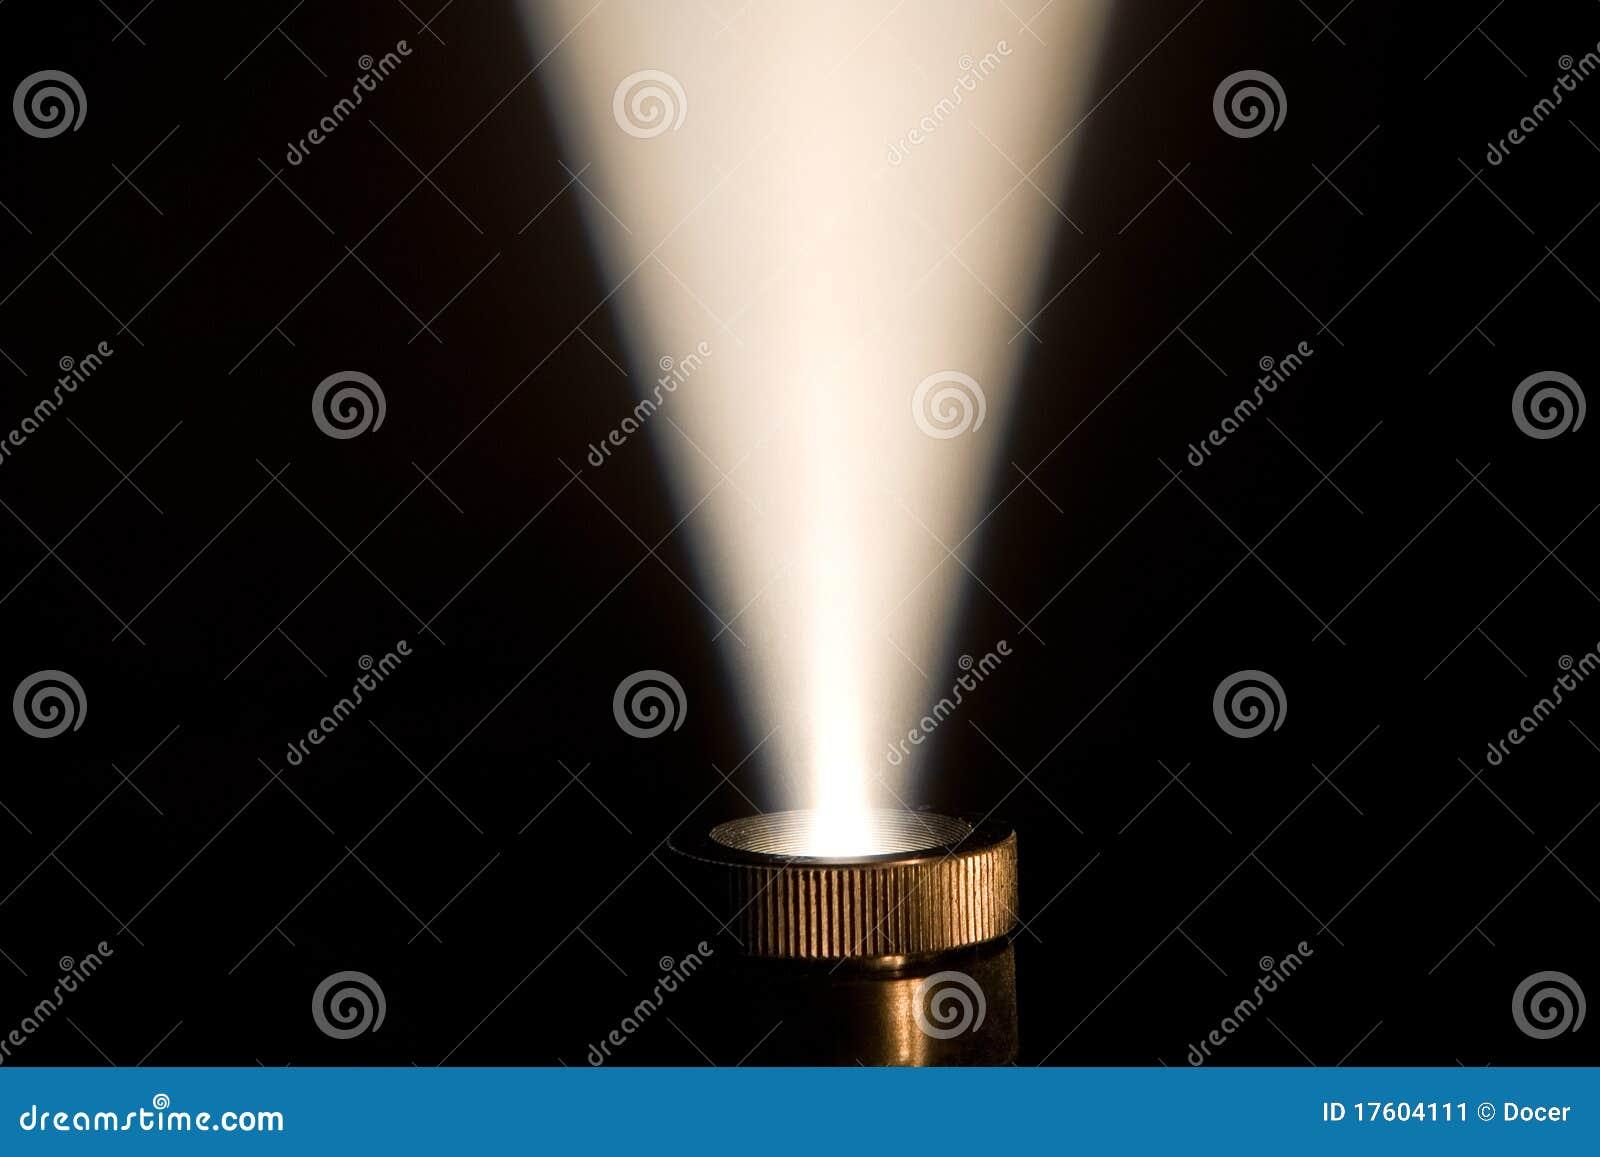 Strahl der Leuchte von einem Projektor